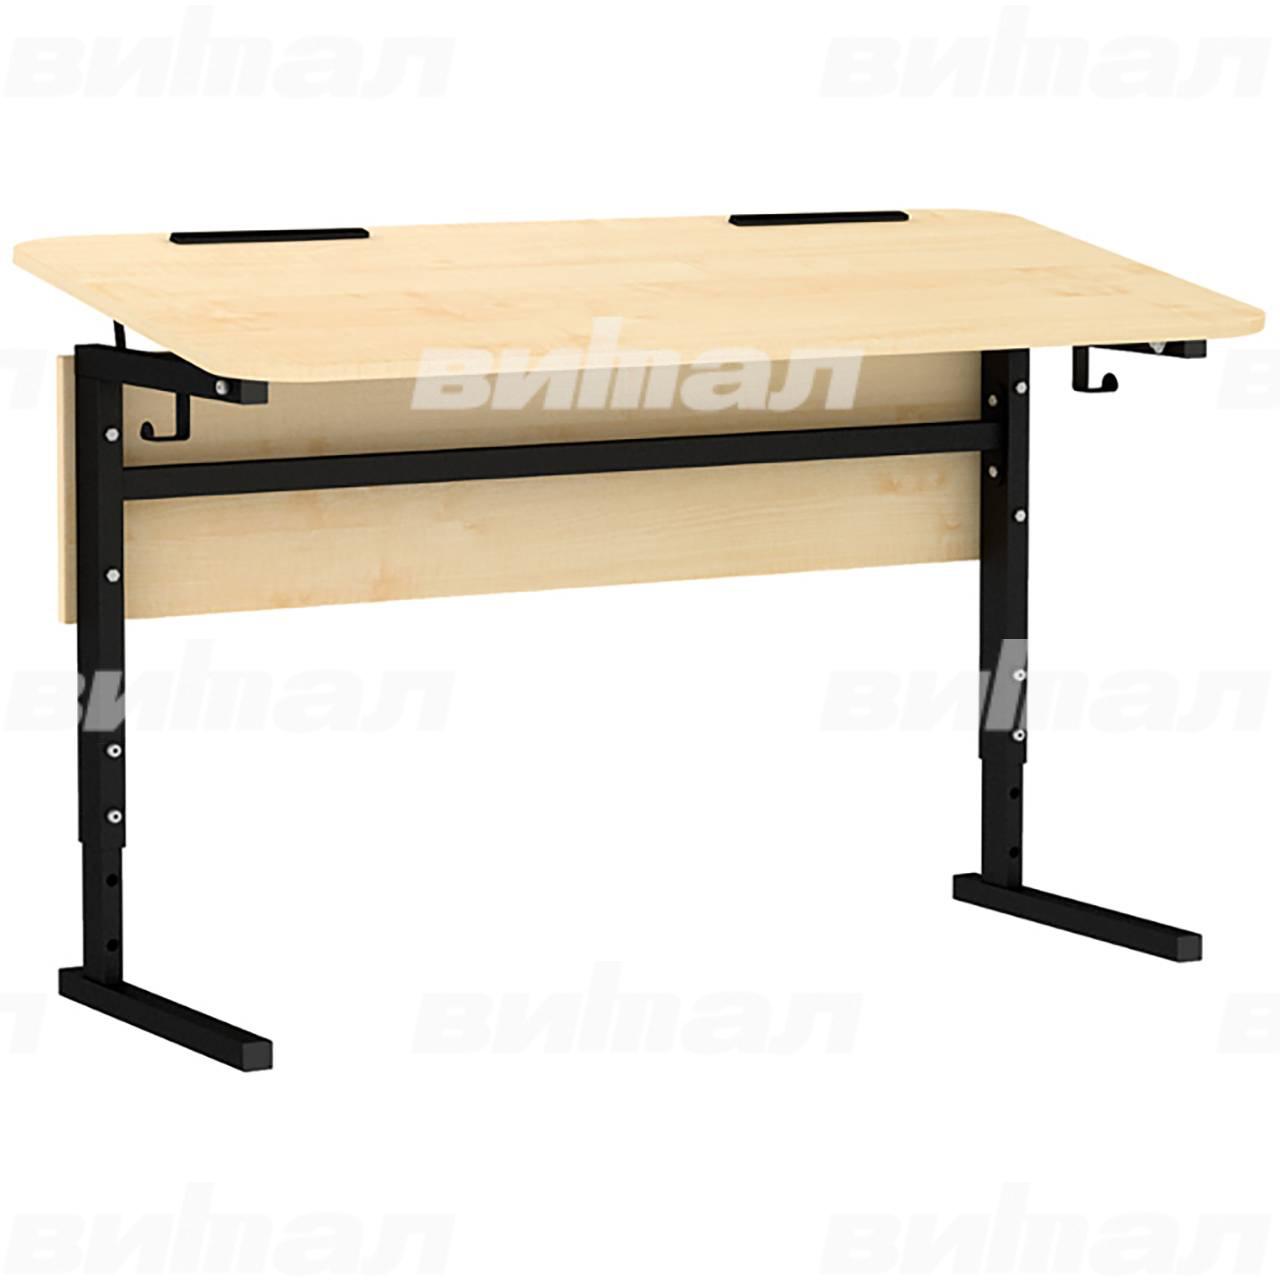 Стол 2-местный регулир. высота и наклон столешницы 0-10° (гр 2-4 или 4-6)